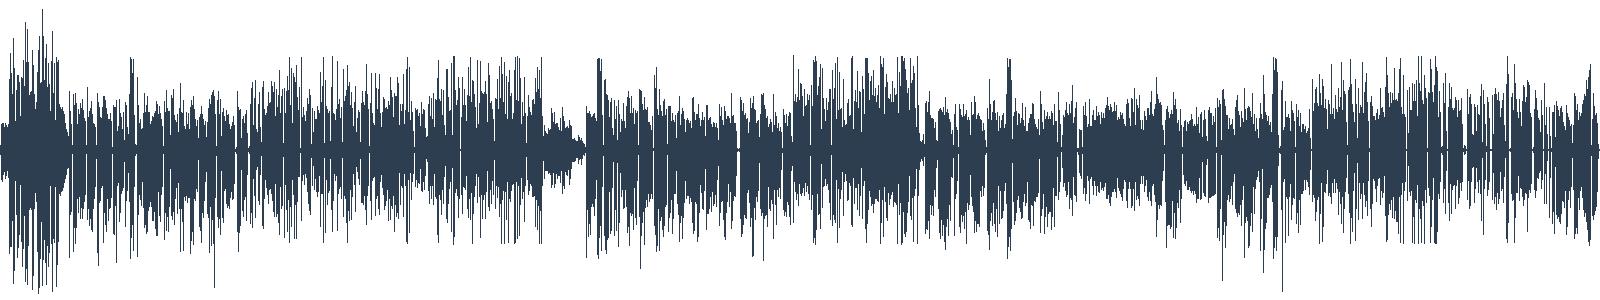 Spalovač mrtvol (Audiokniha roku 2016) waveform